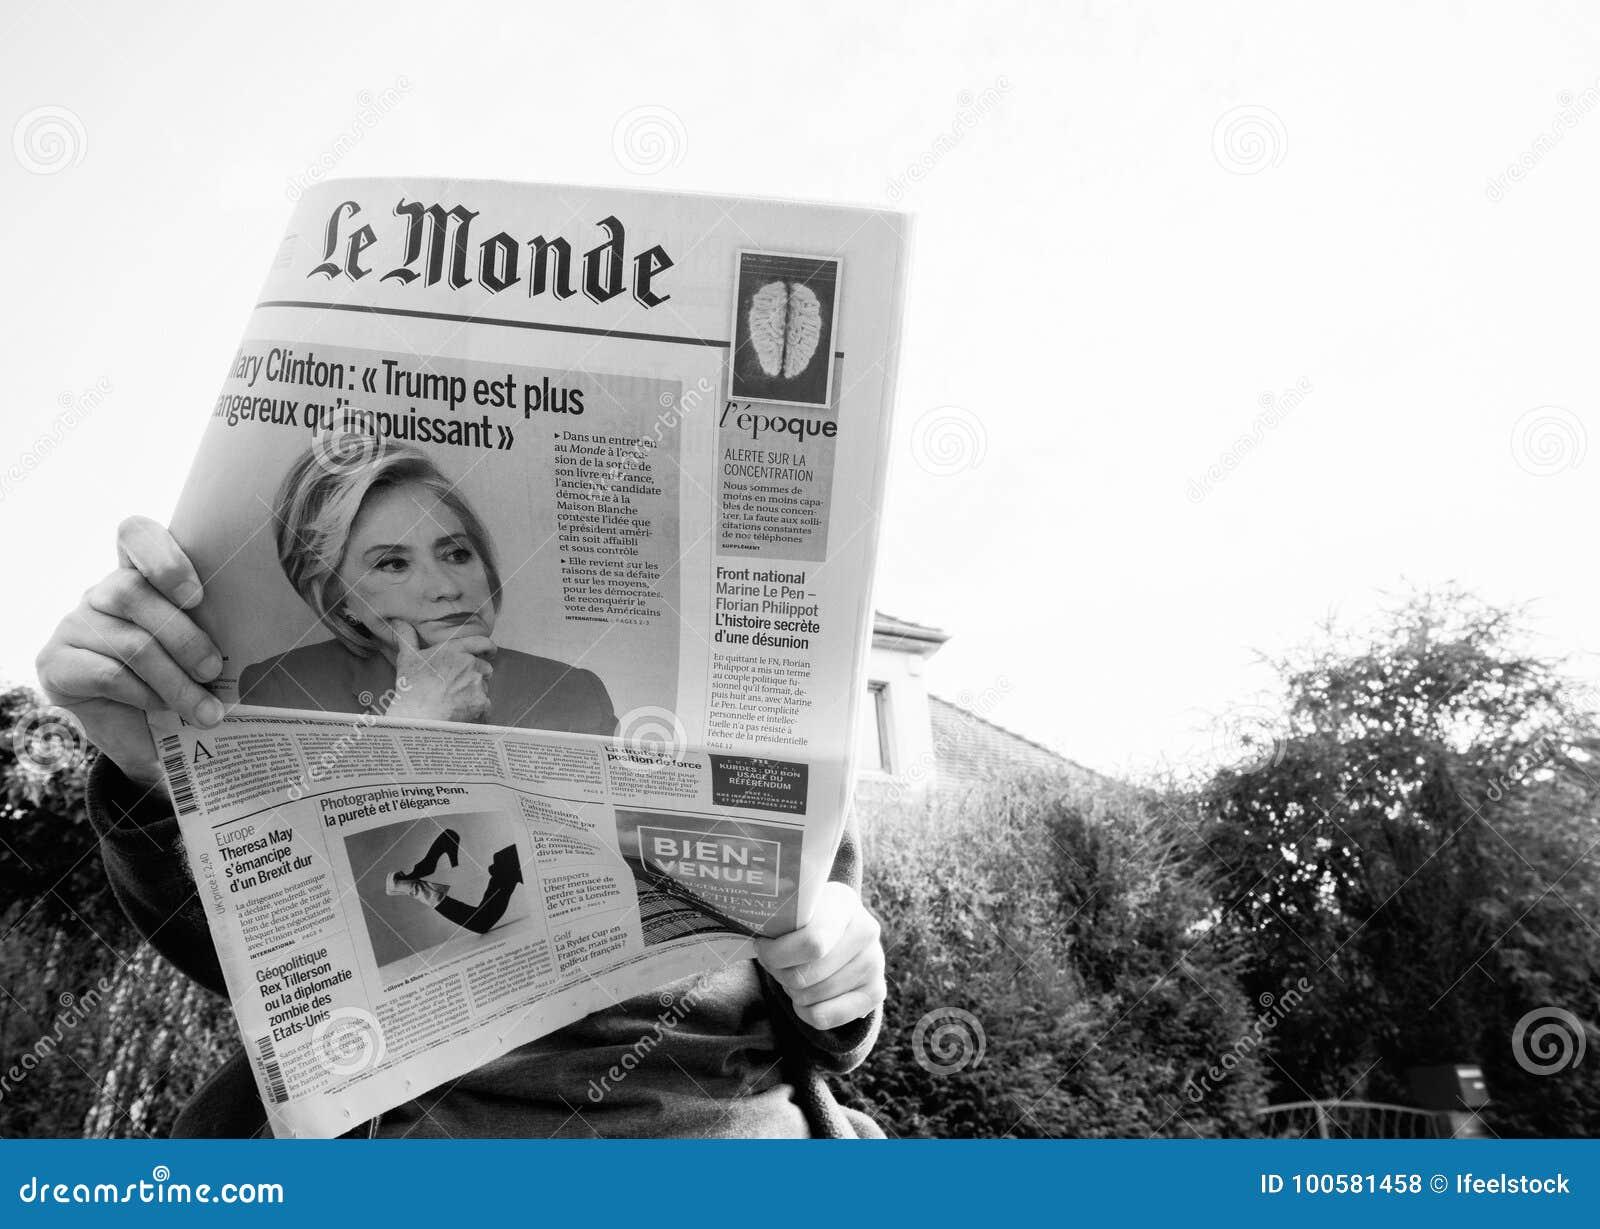 Vista de baixo da mulher que lê o jornal o mais atrasado Le Monde com o retrato de Hillary Clinton